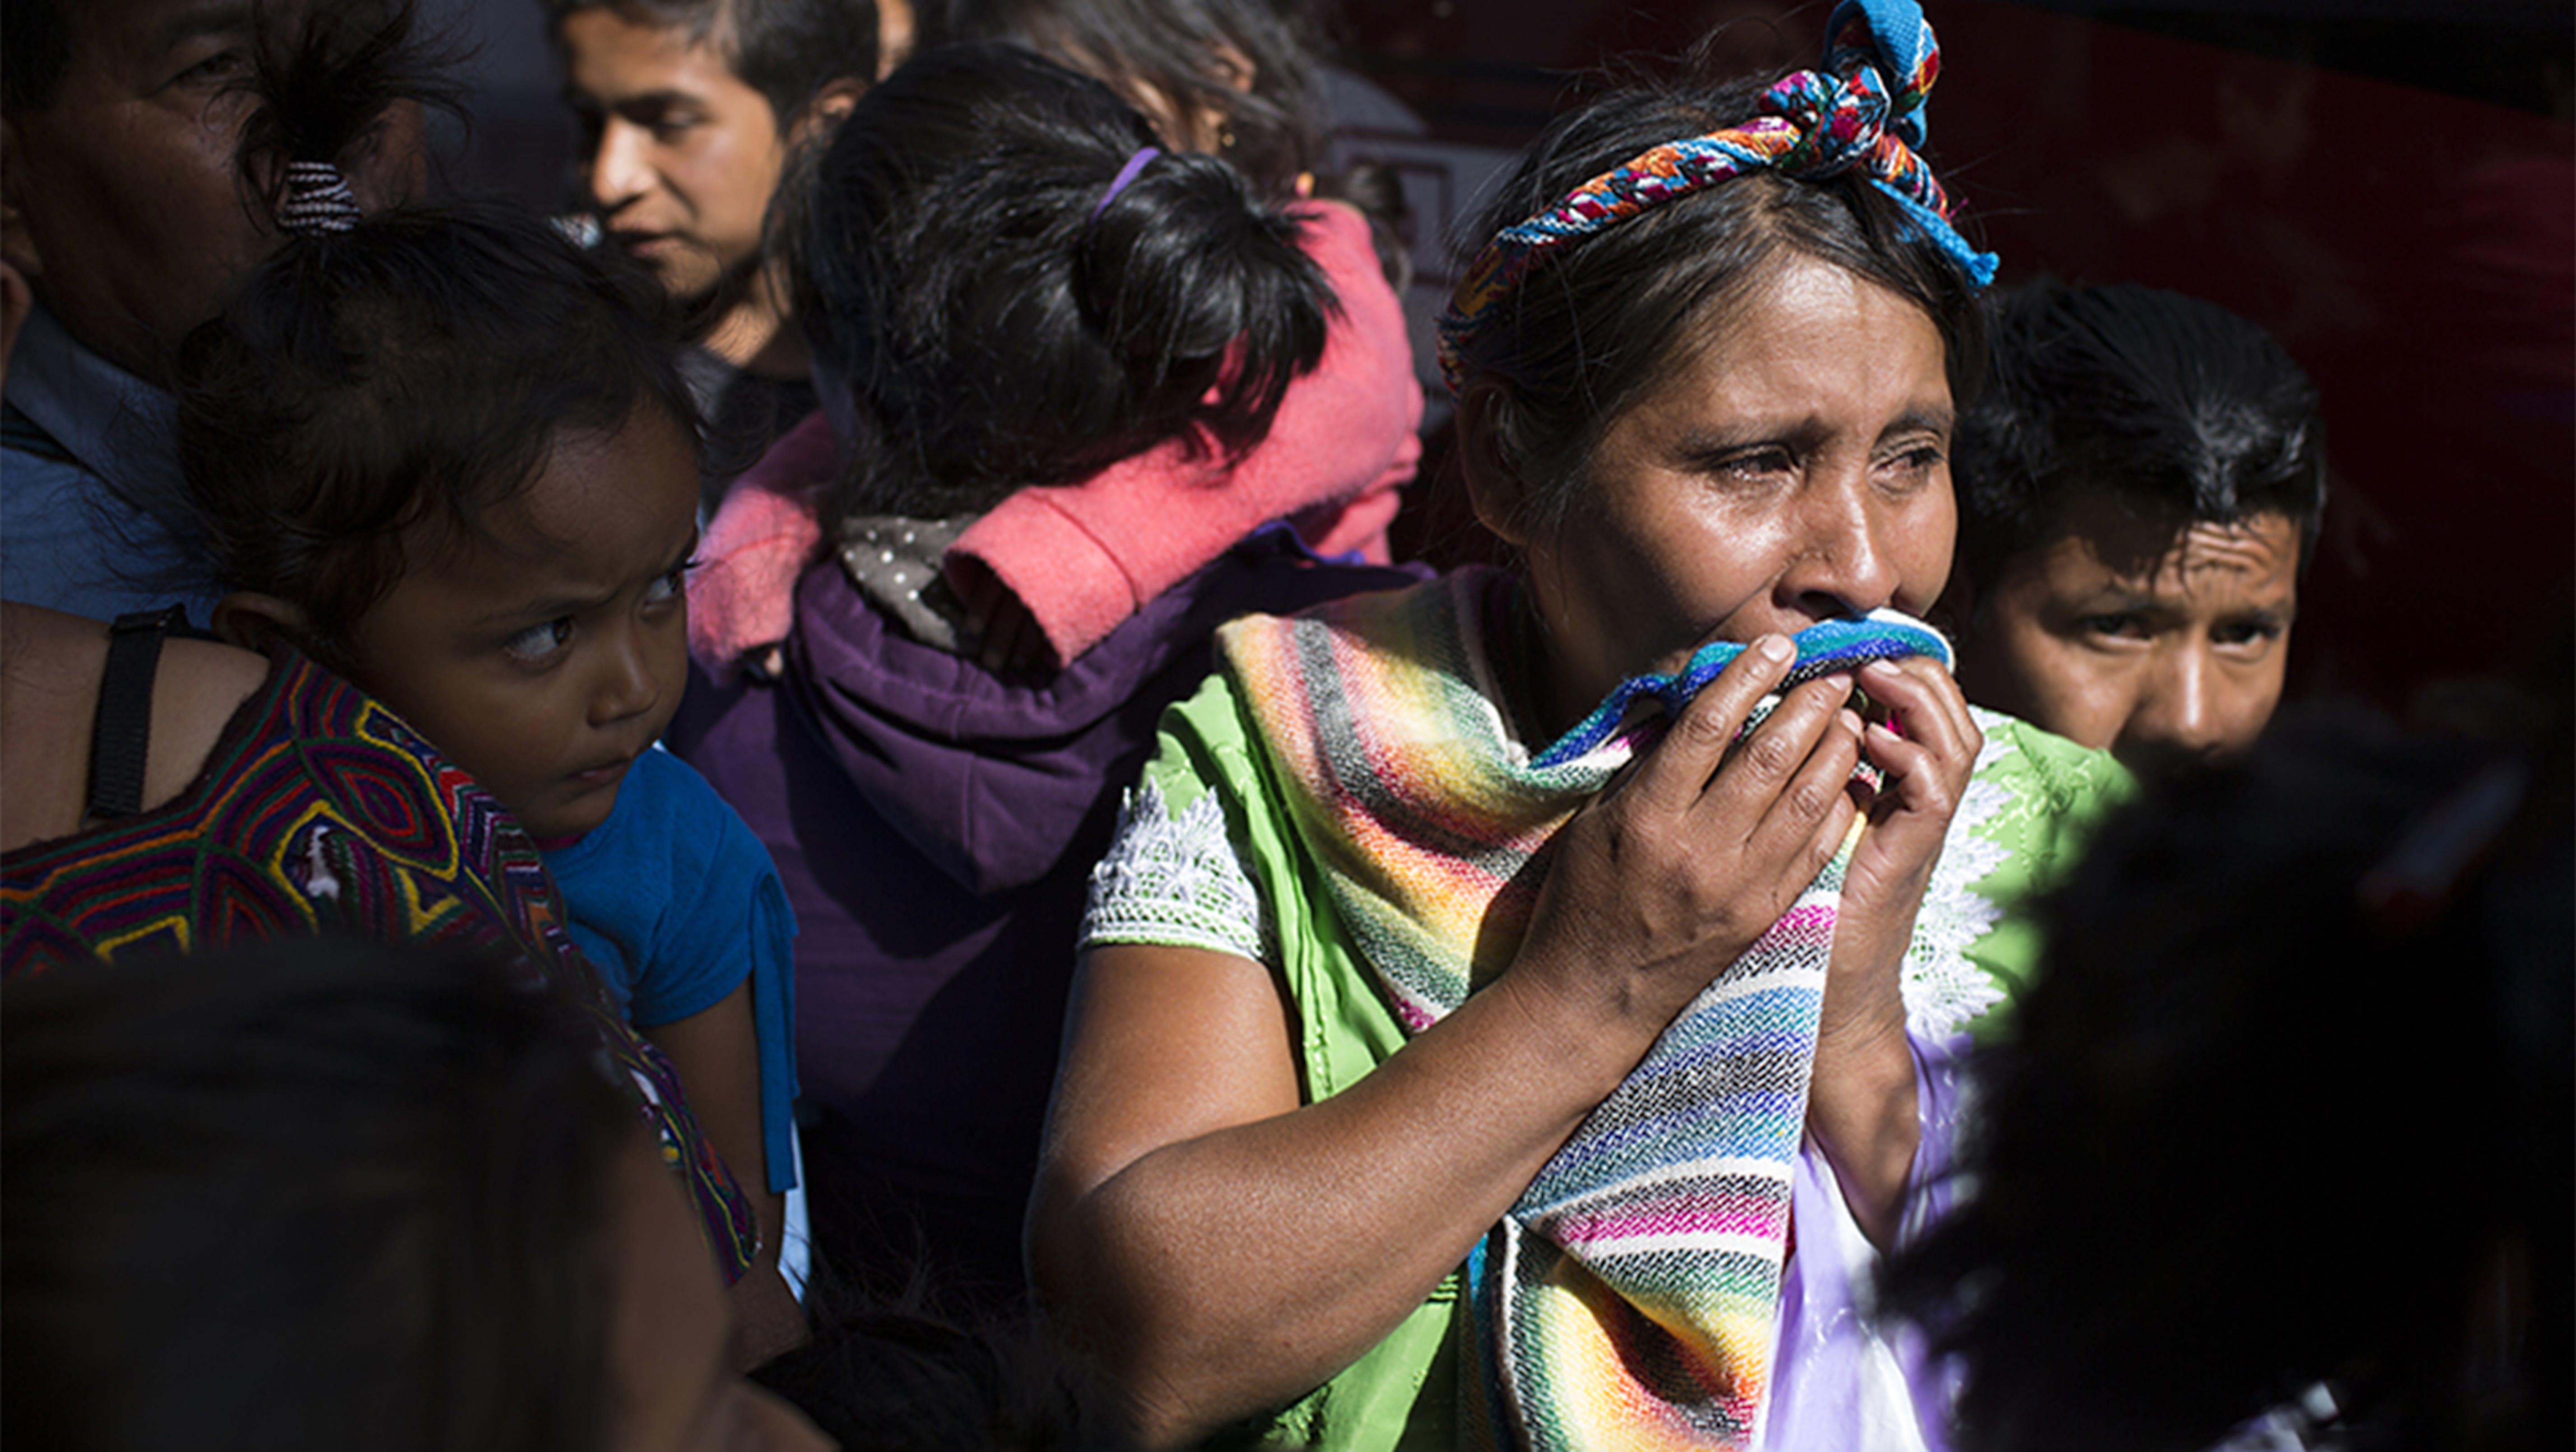 Una migrante fuggita dalla sua casa piange dopo aver rivisto suo figlio